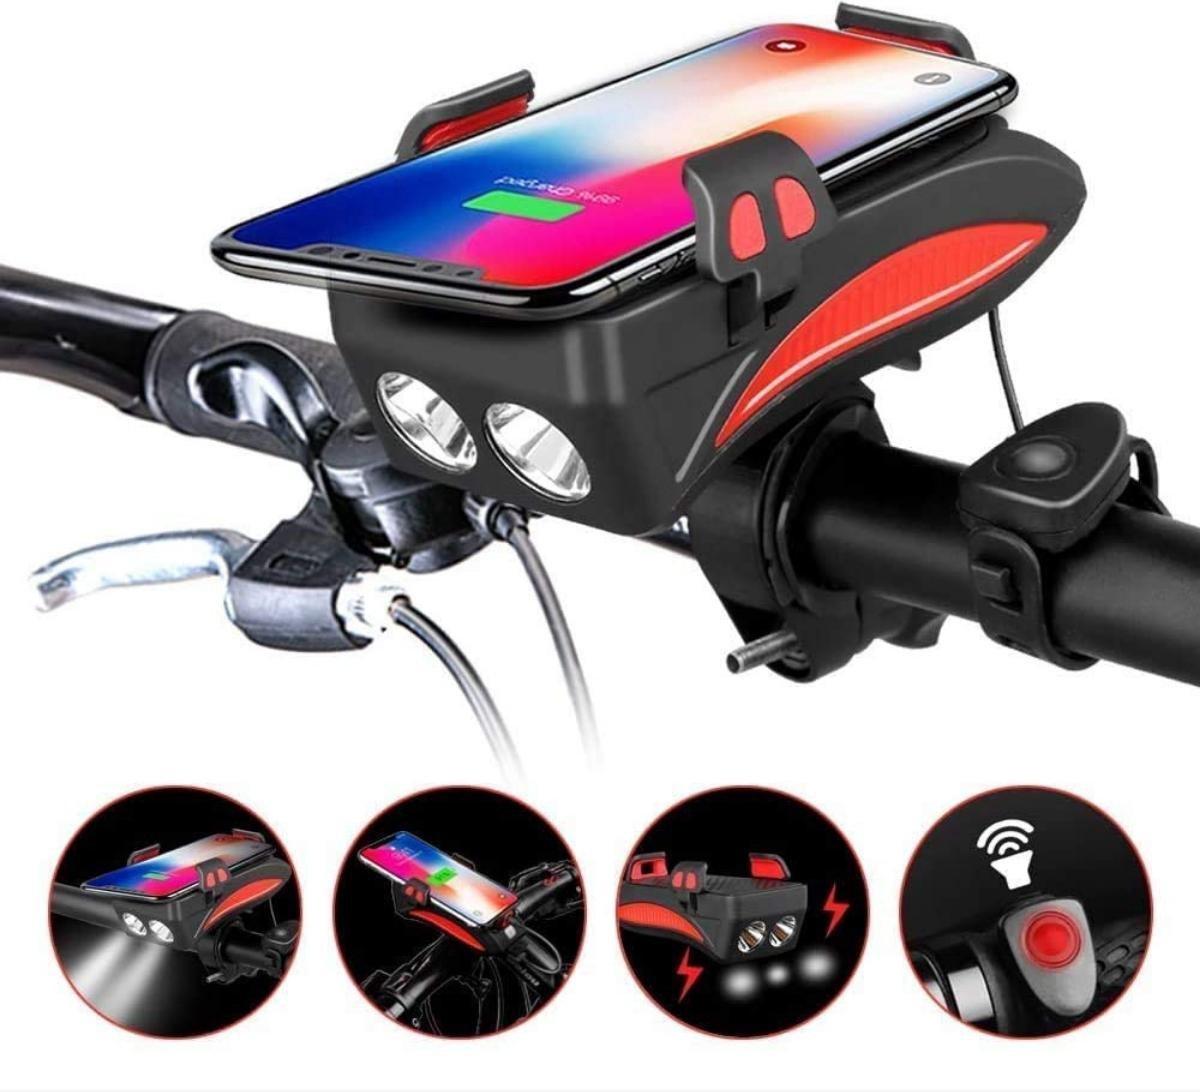 4 in 1 Fietsverlichting USB oplaadbaar - Telefoonhouder fiets - Powerbank - Fietslamp - Fietsbel - 3